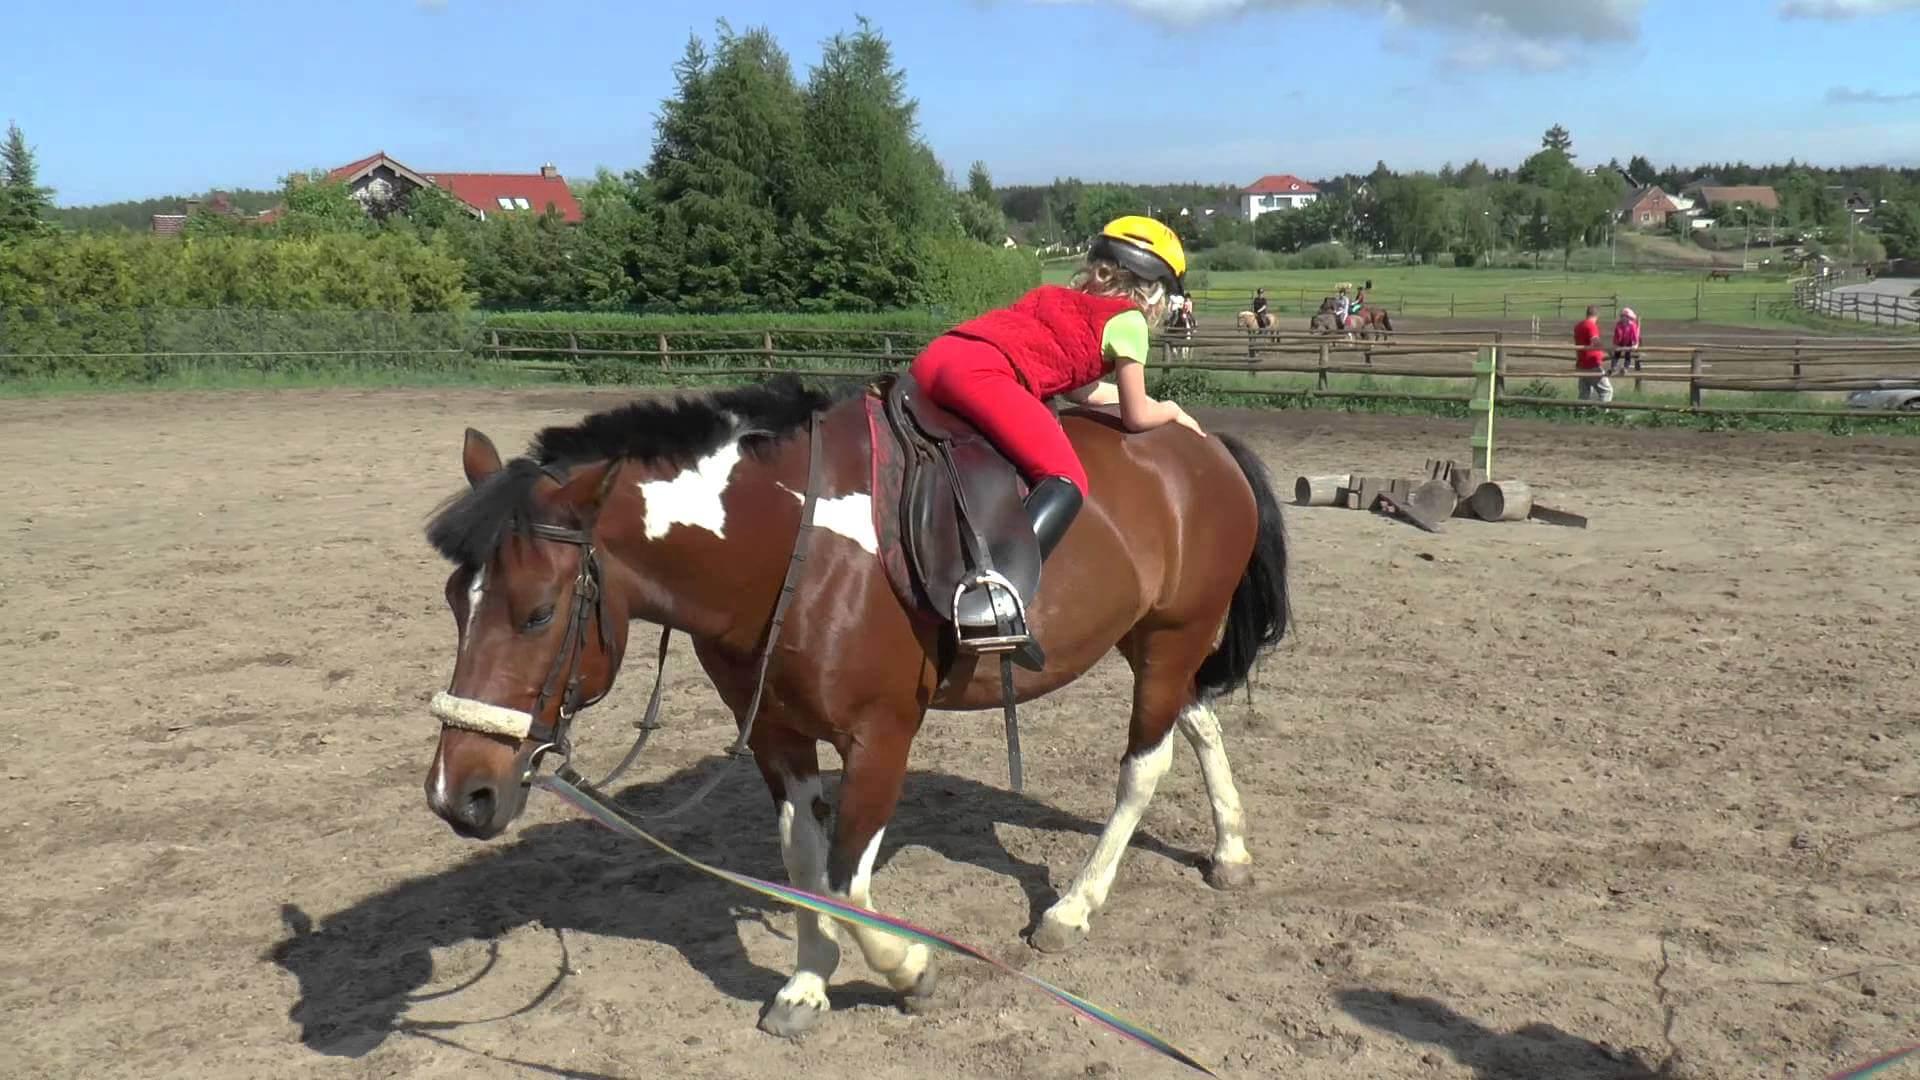 b325c1504295f Pierwsza lekcja jazdy konnej - jak zbudować solidne podstawy Sklep ...